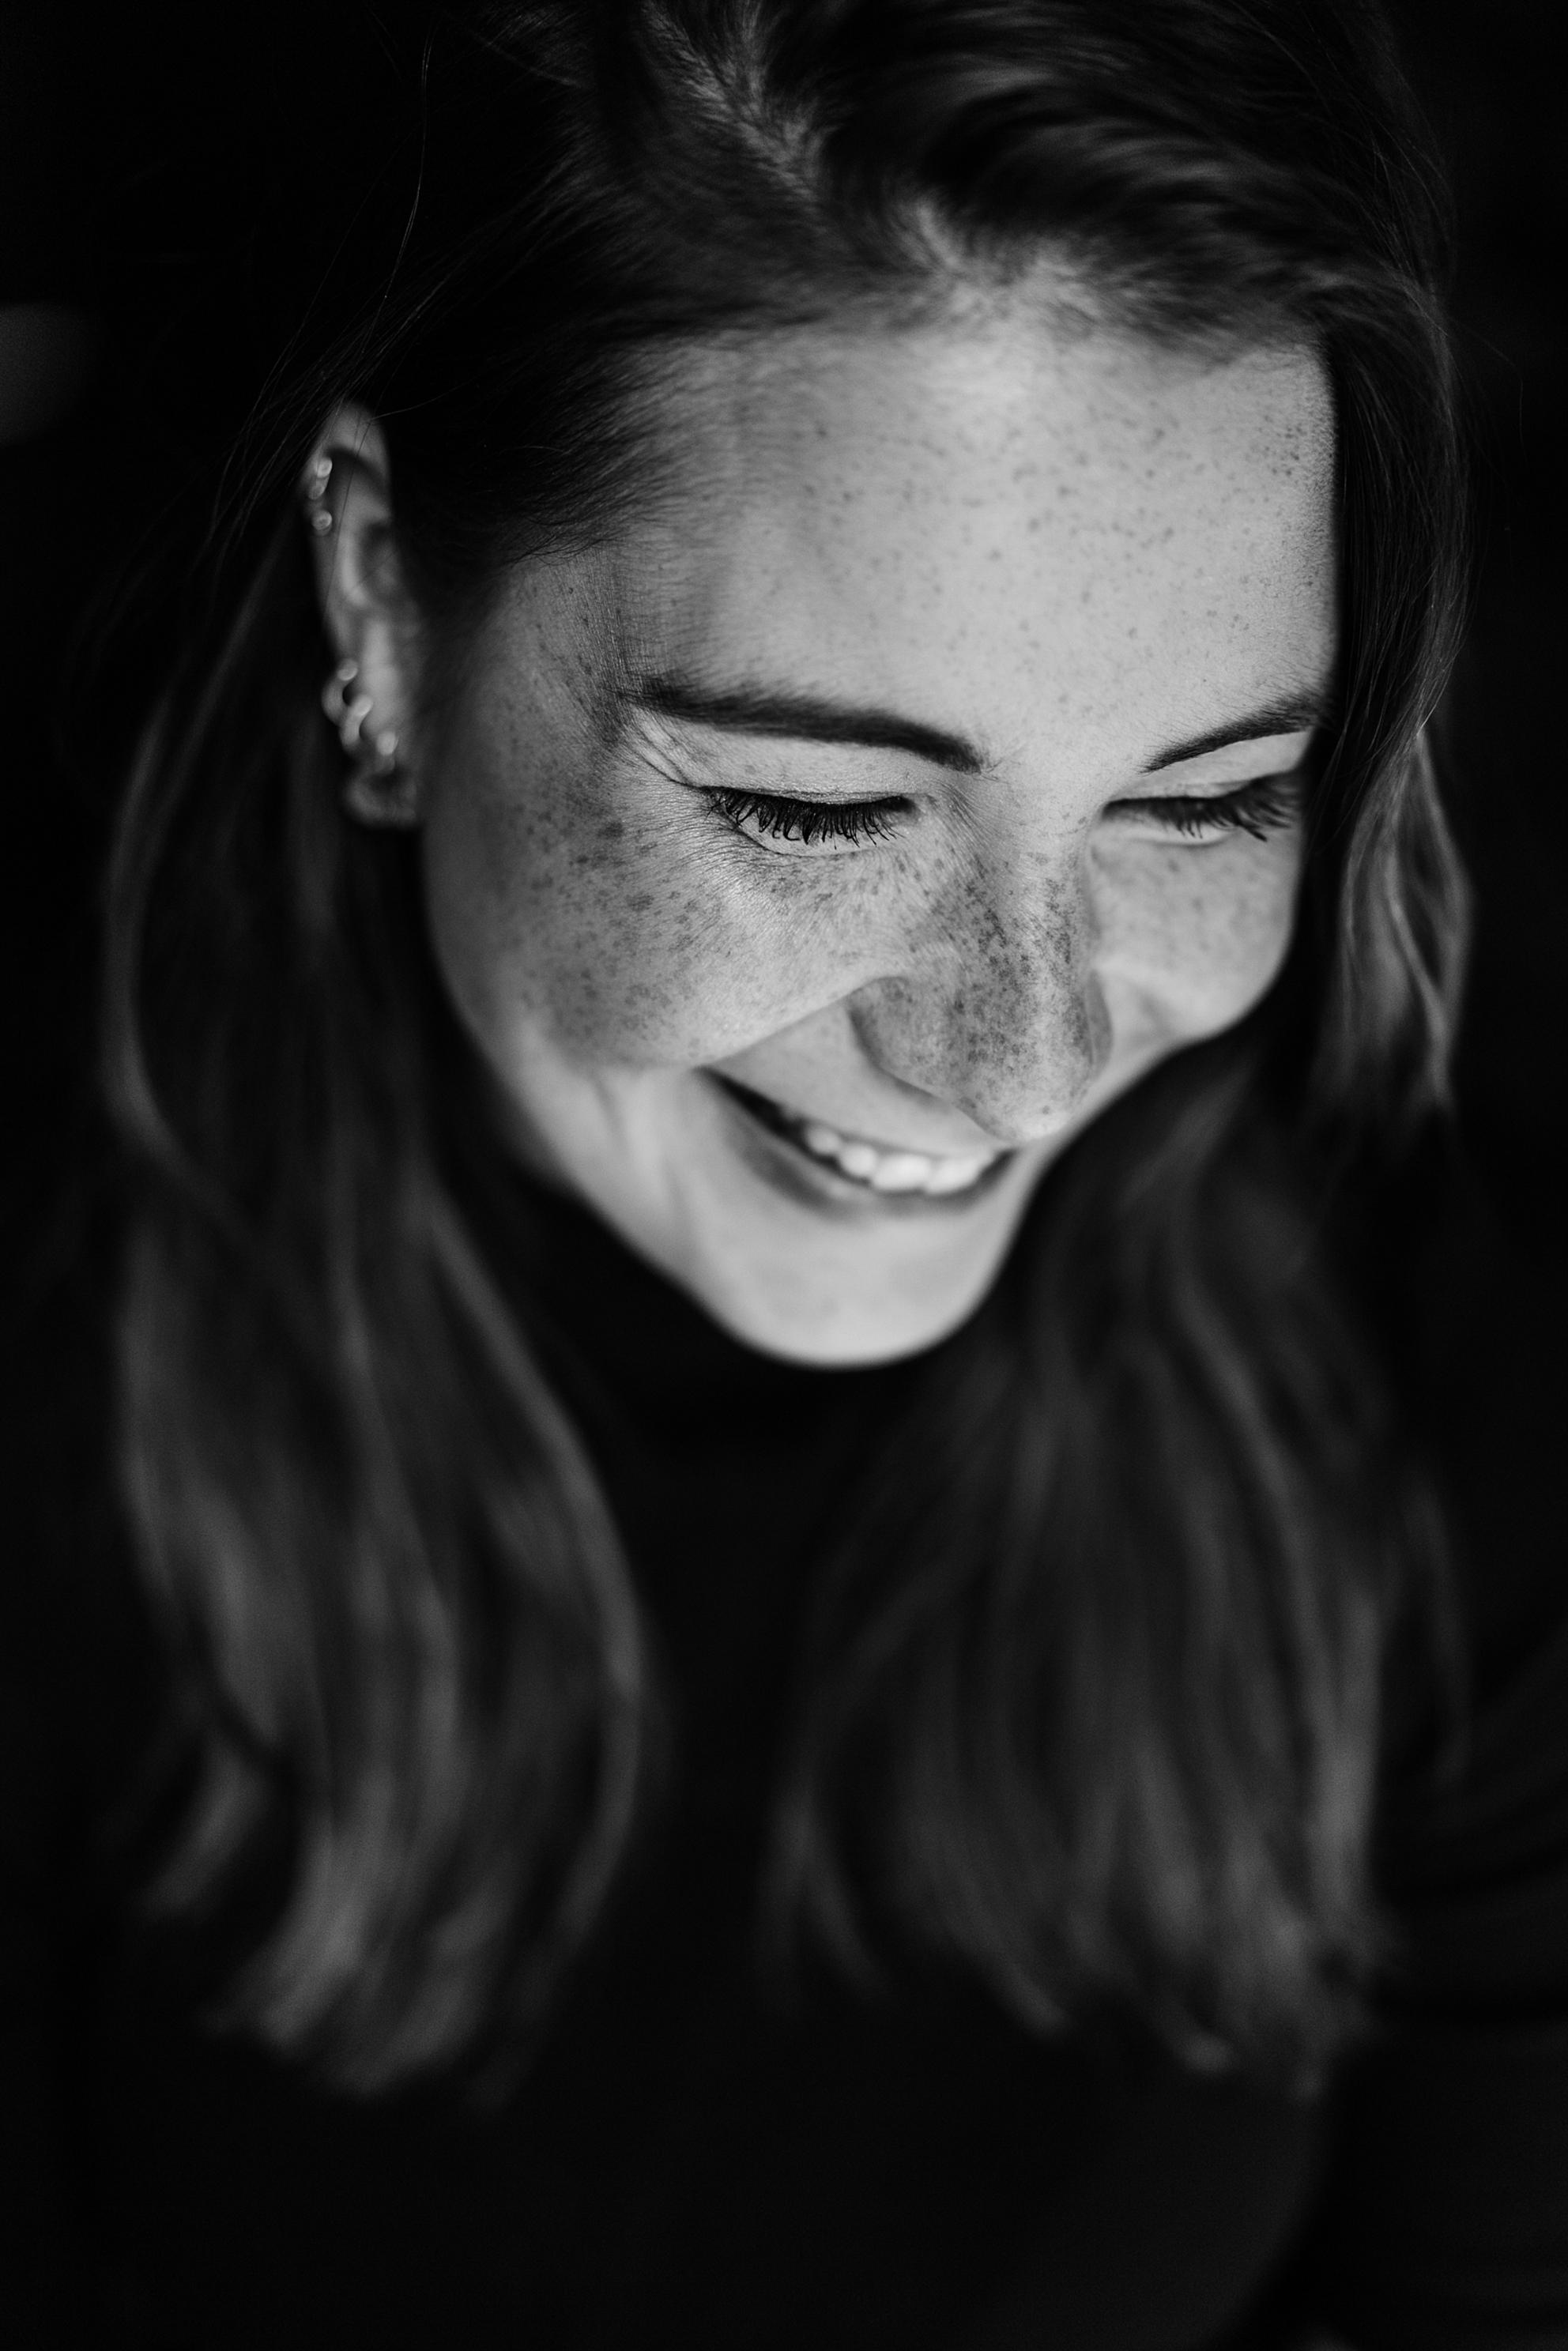 Portret op zwart - Een mooie in-between foto van deze meid die moest lachen tijdens de fotosessie - foto door lizet_zoom op 07-04-2021 - locatie: 7525 PC Lonneker, Nederland - deze foto bevat: portret, zwart/wit, sony, lach, neus, haar, lip, glimlach, wimper, mond, flitsfotografie, menselijk lichaam, kaak, oor